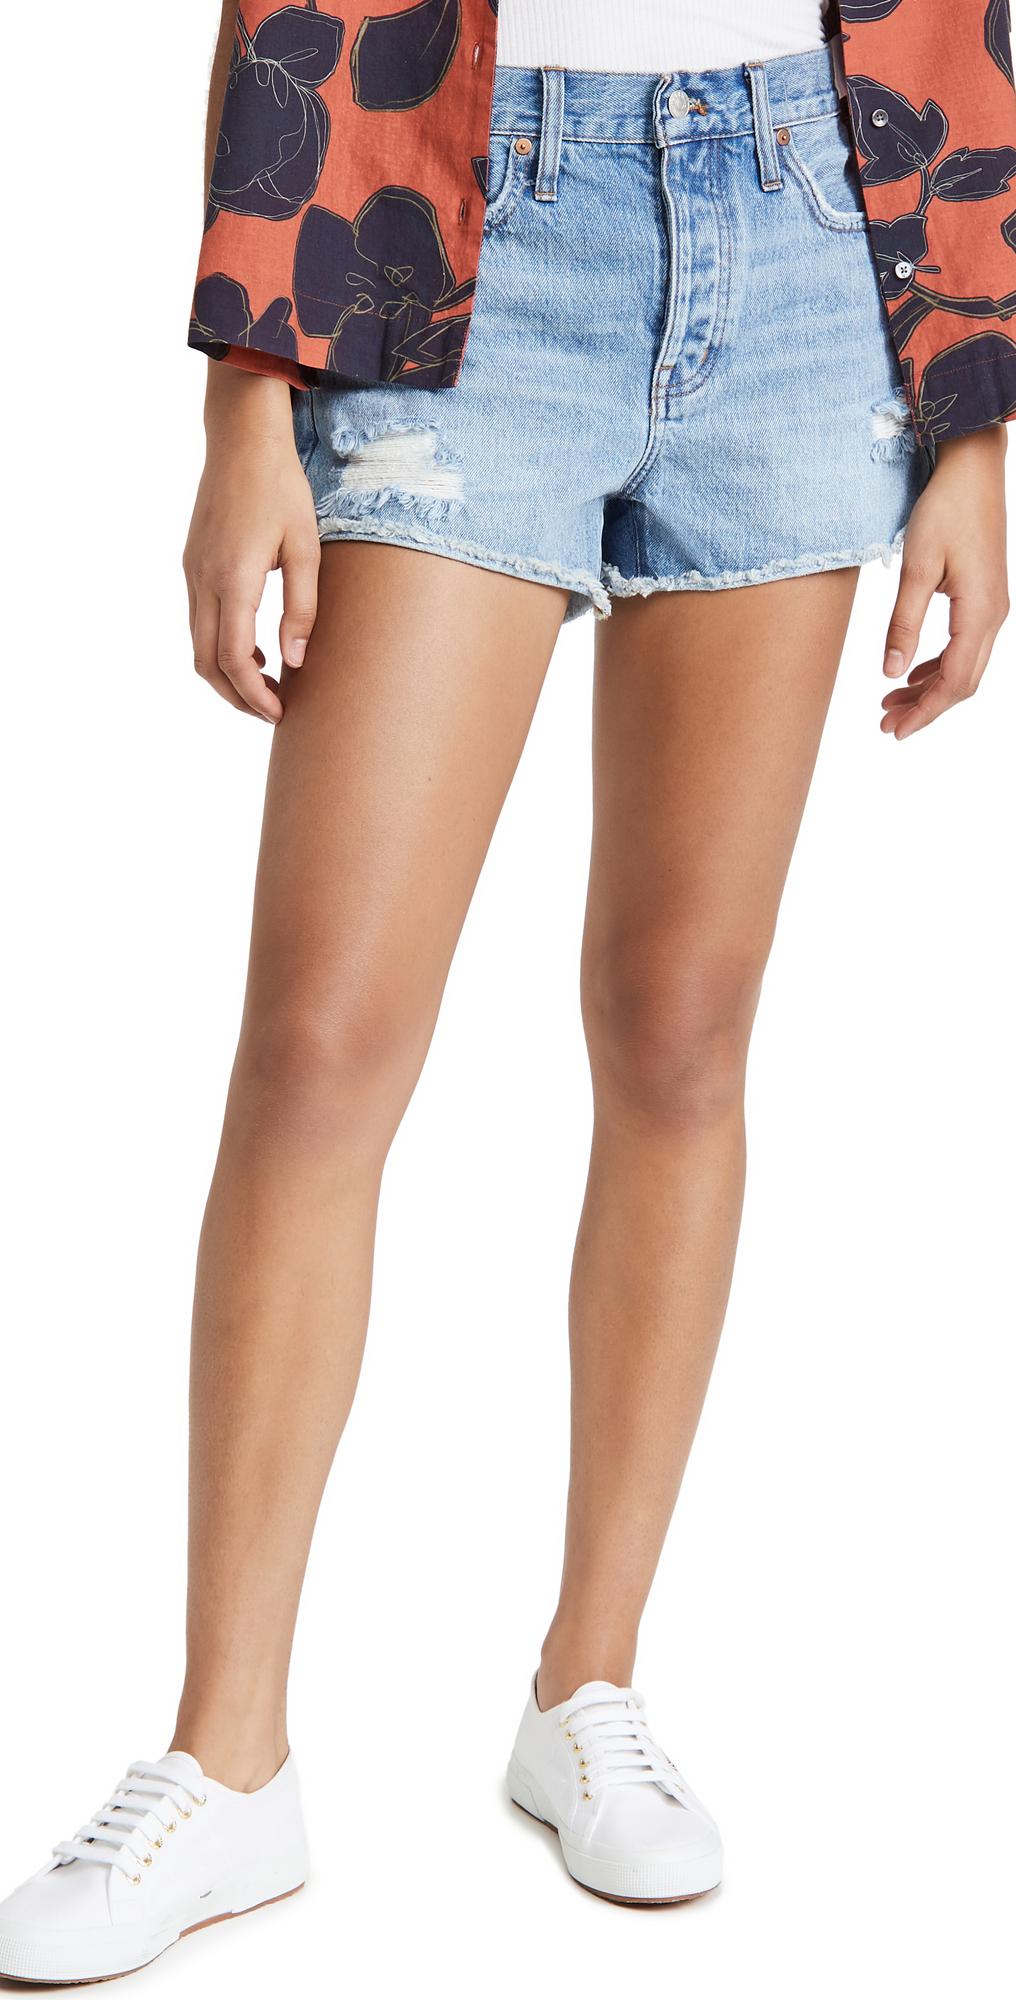 Madewell Rigid Boy Shorts